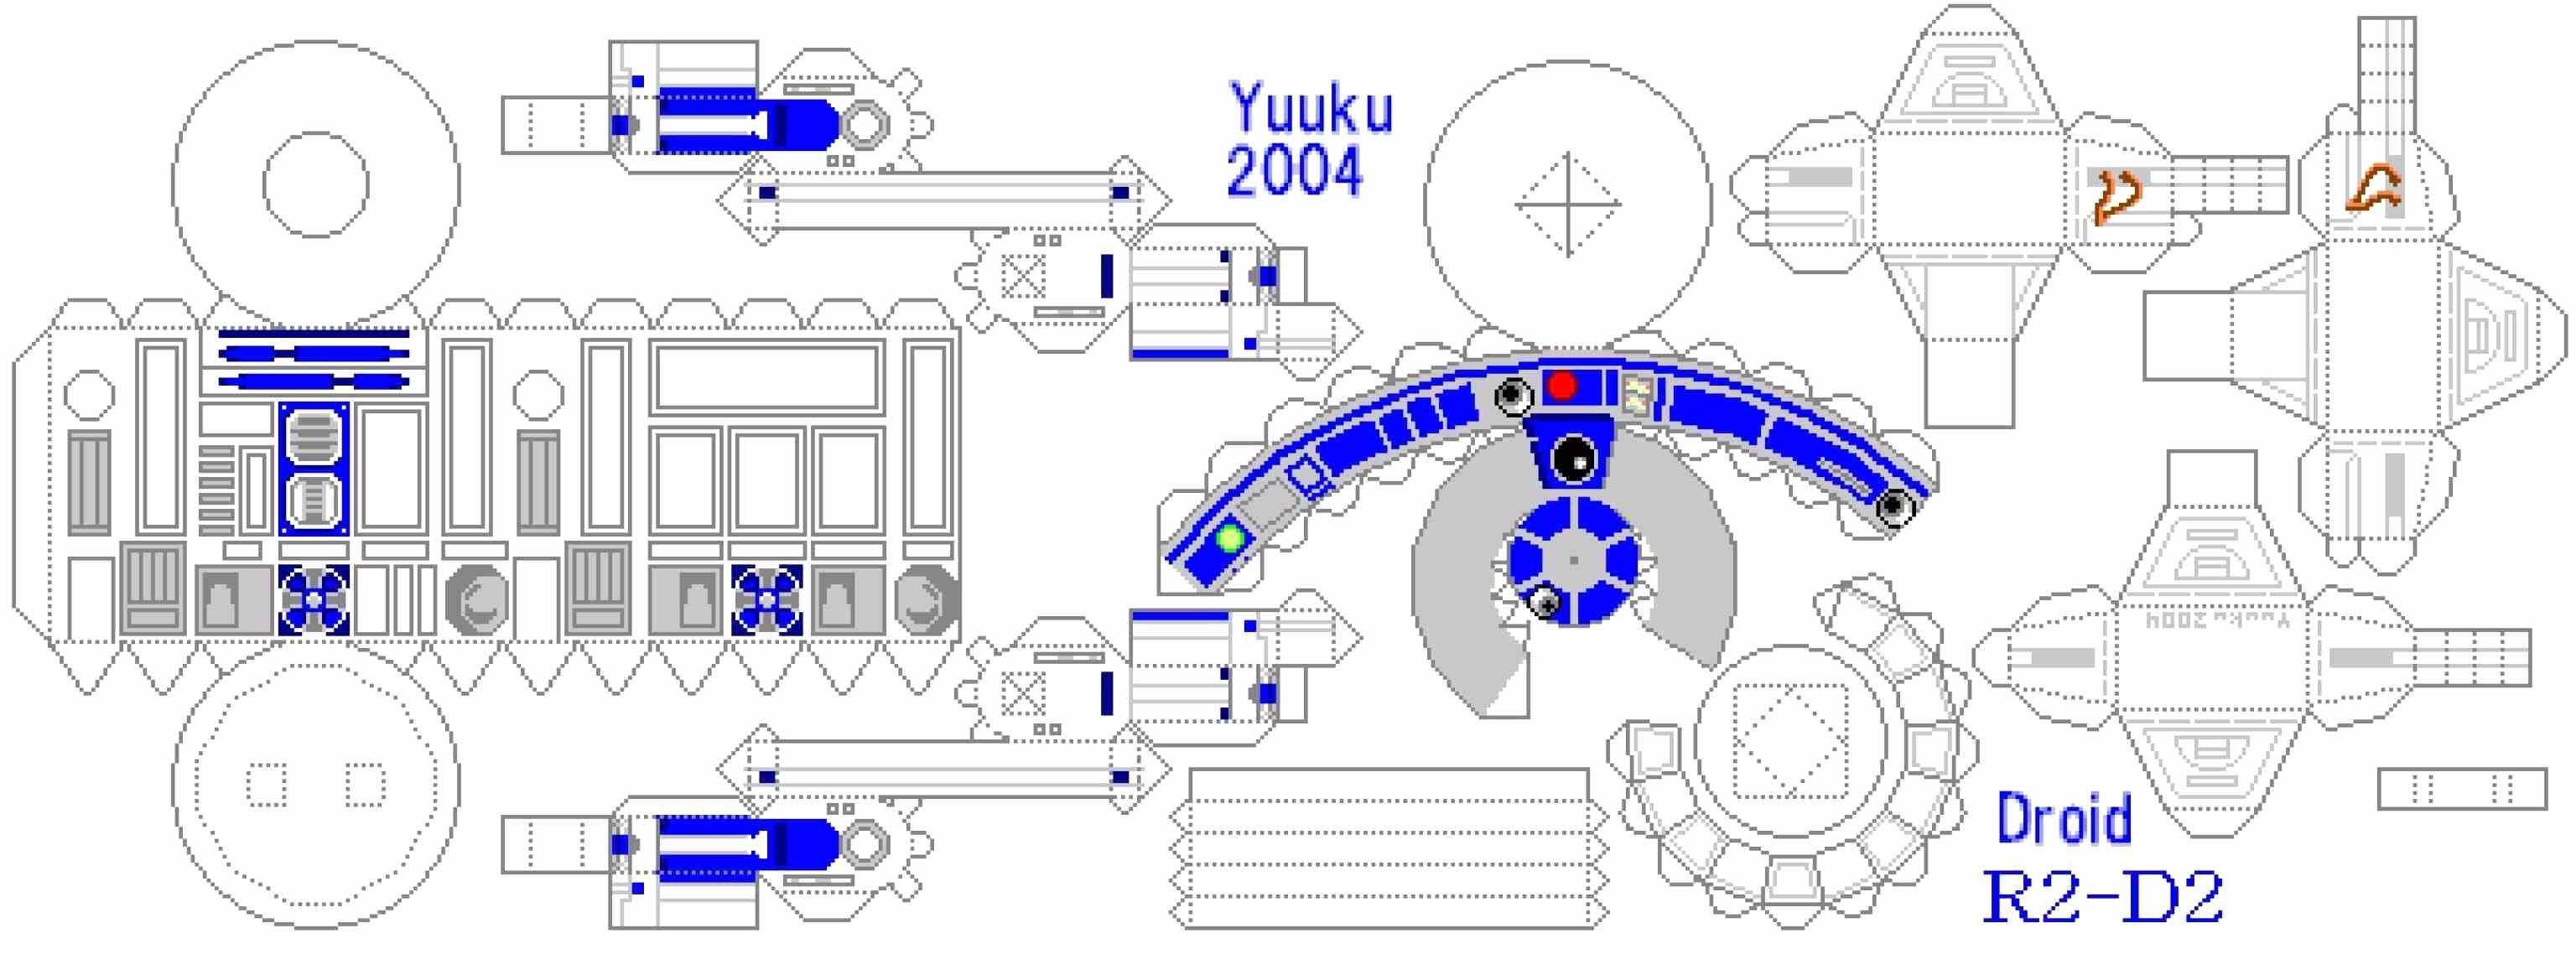 Millennium Falcon Papercraft Star Wars Papercraft Templates Best 136 Best Paper Model